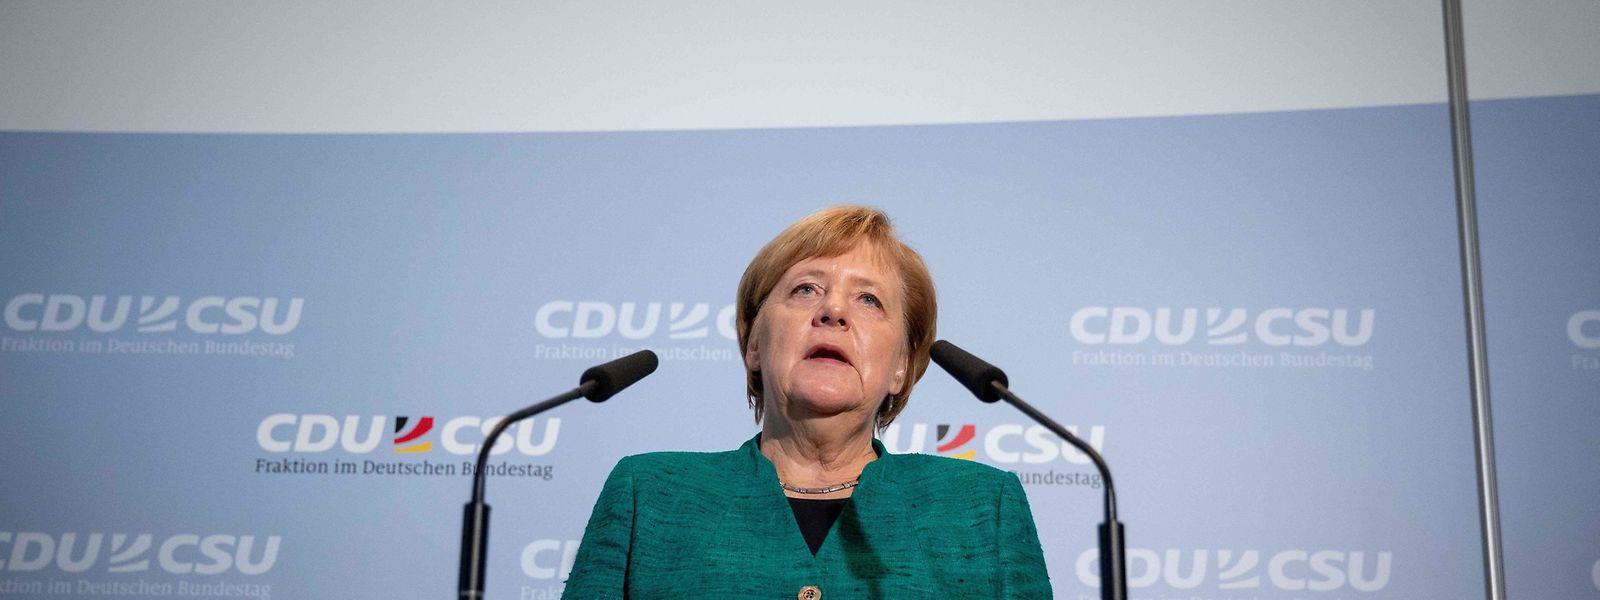 Die deutsche Kanzlerin Angela Merkel steht unter Beschuss.